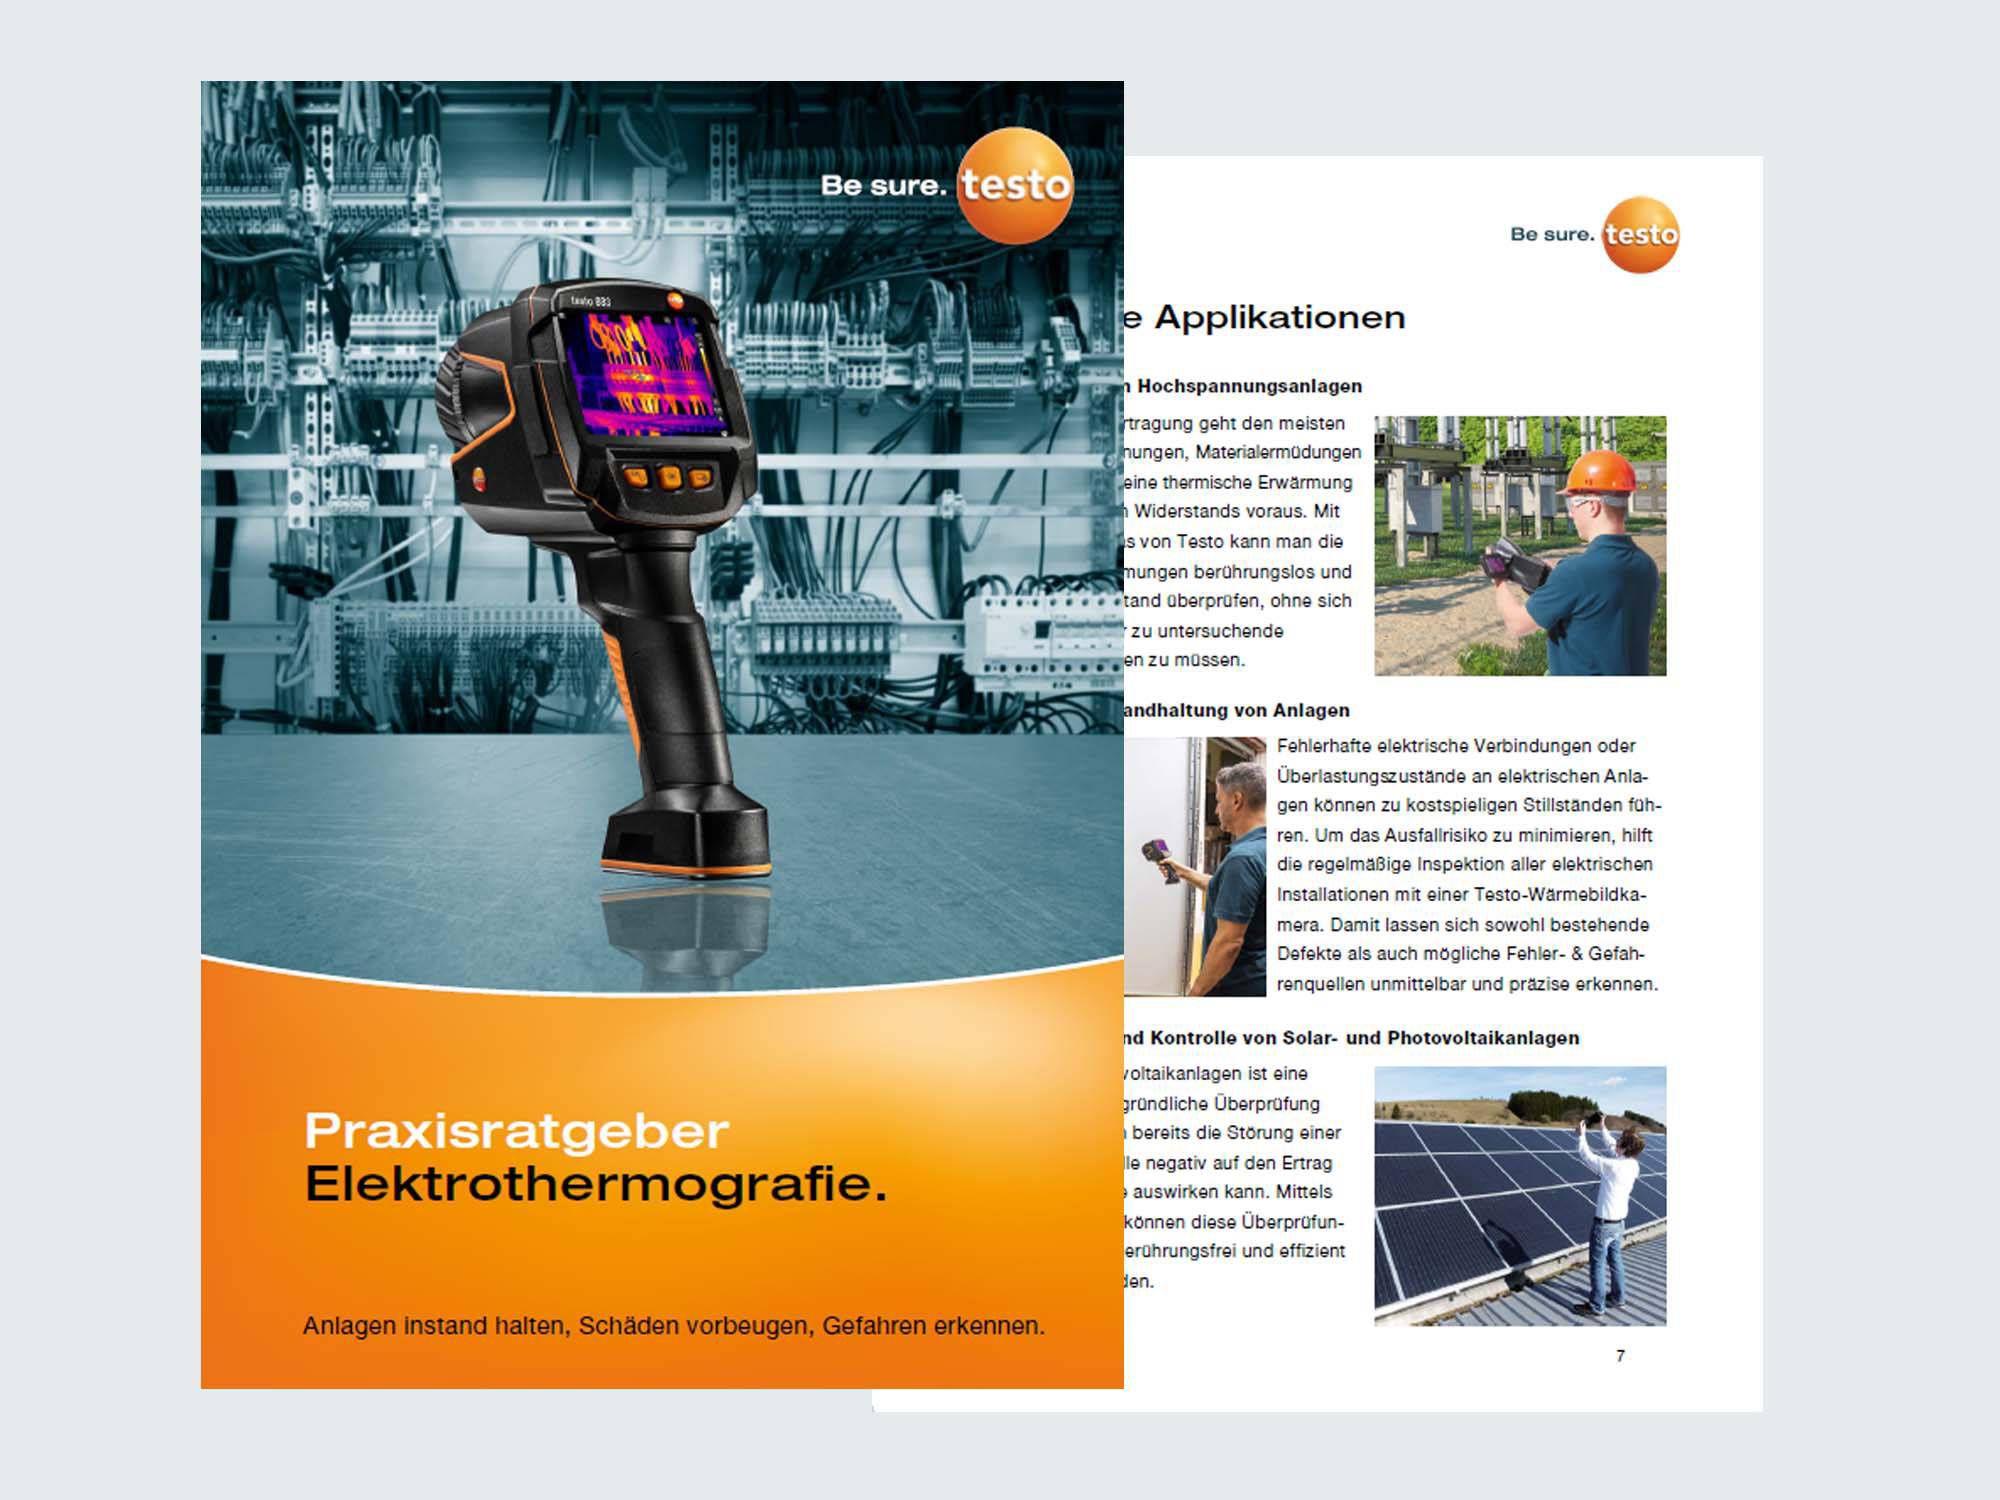 praxisratgeber-elektrothermografie-download-vorschau.jpg